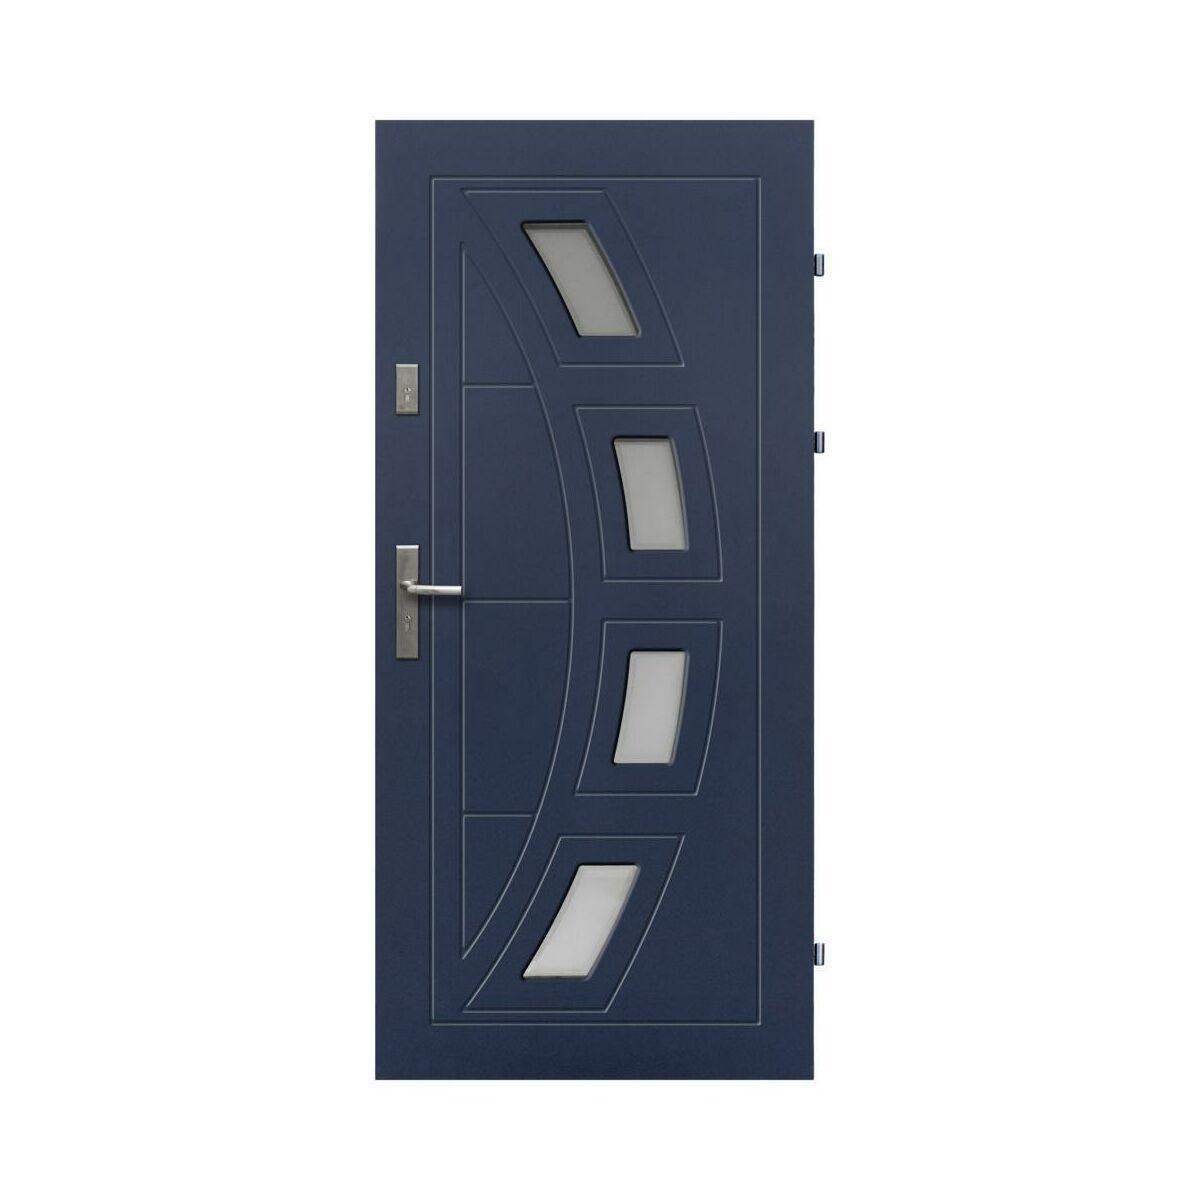 drzwi wej ciowe komodus prime 55 drzwi wej ciowe do domu mieszkania w atrakcyjnej cenie w. Black Bedroom Furniture Sets. Home Design Ideas